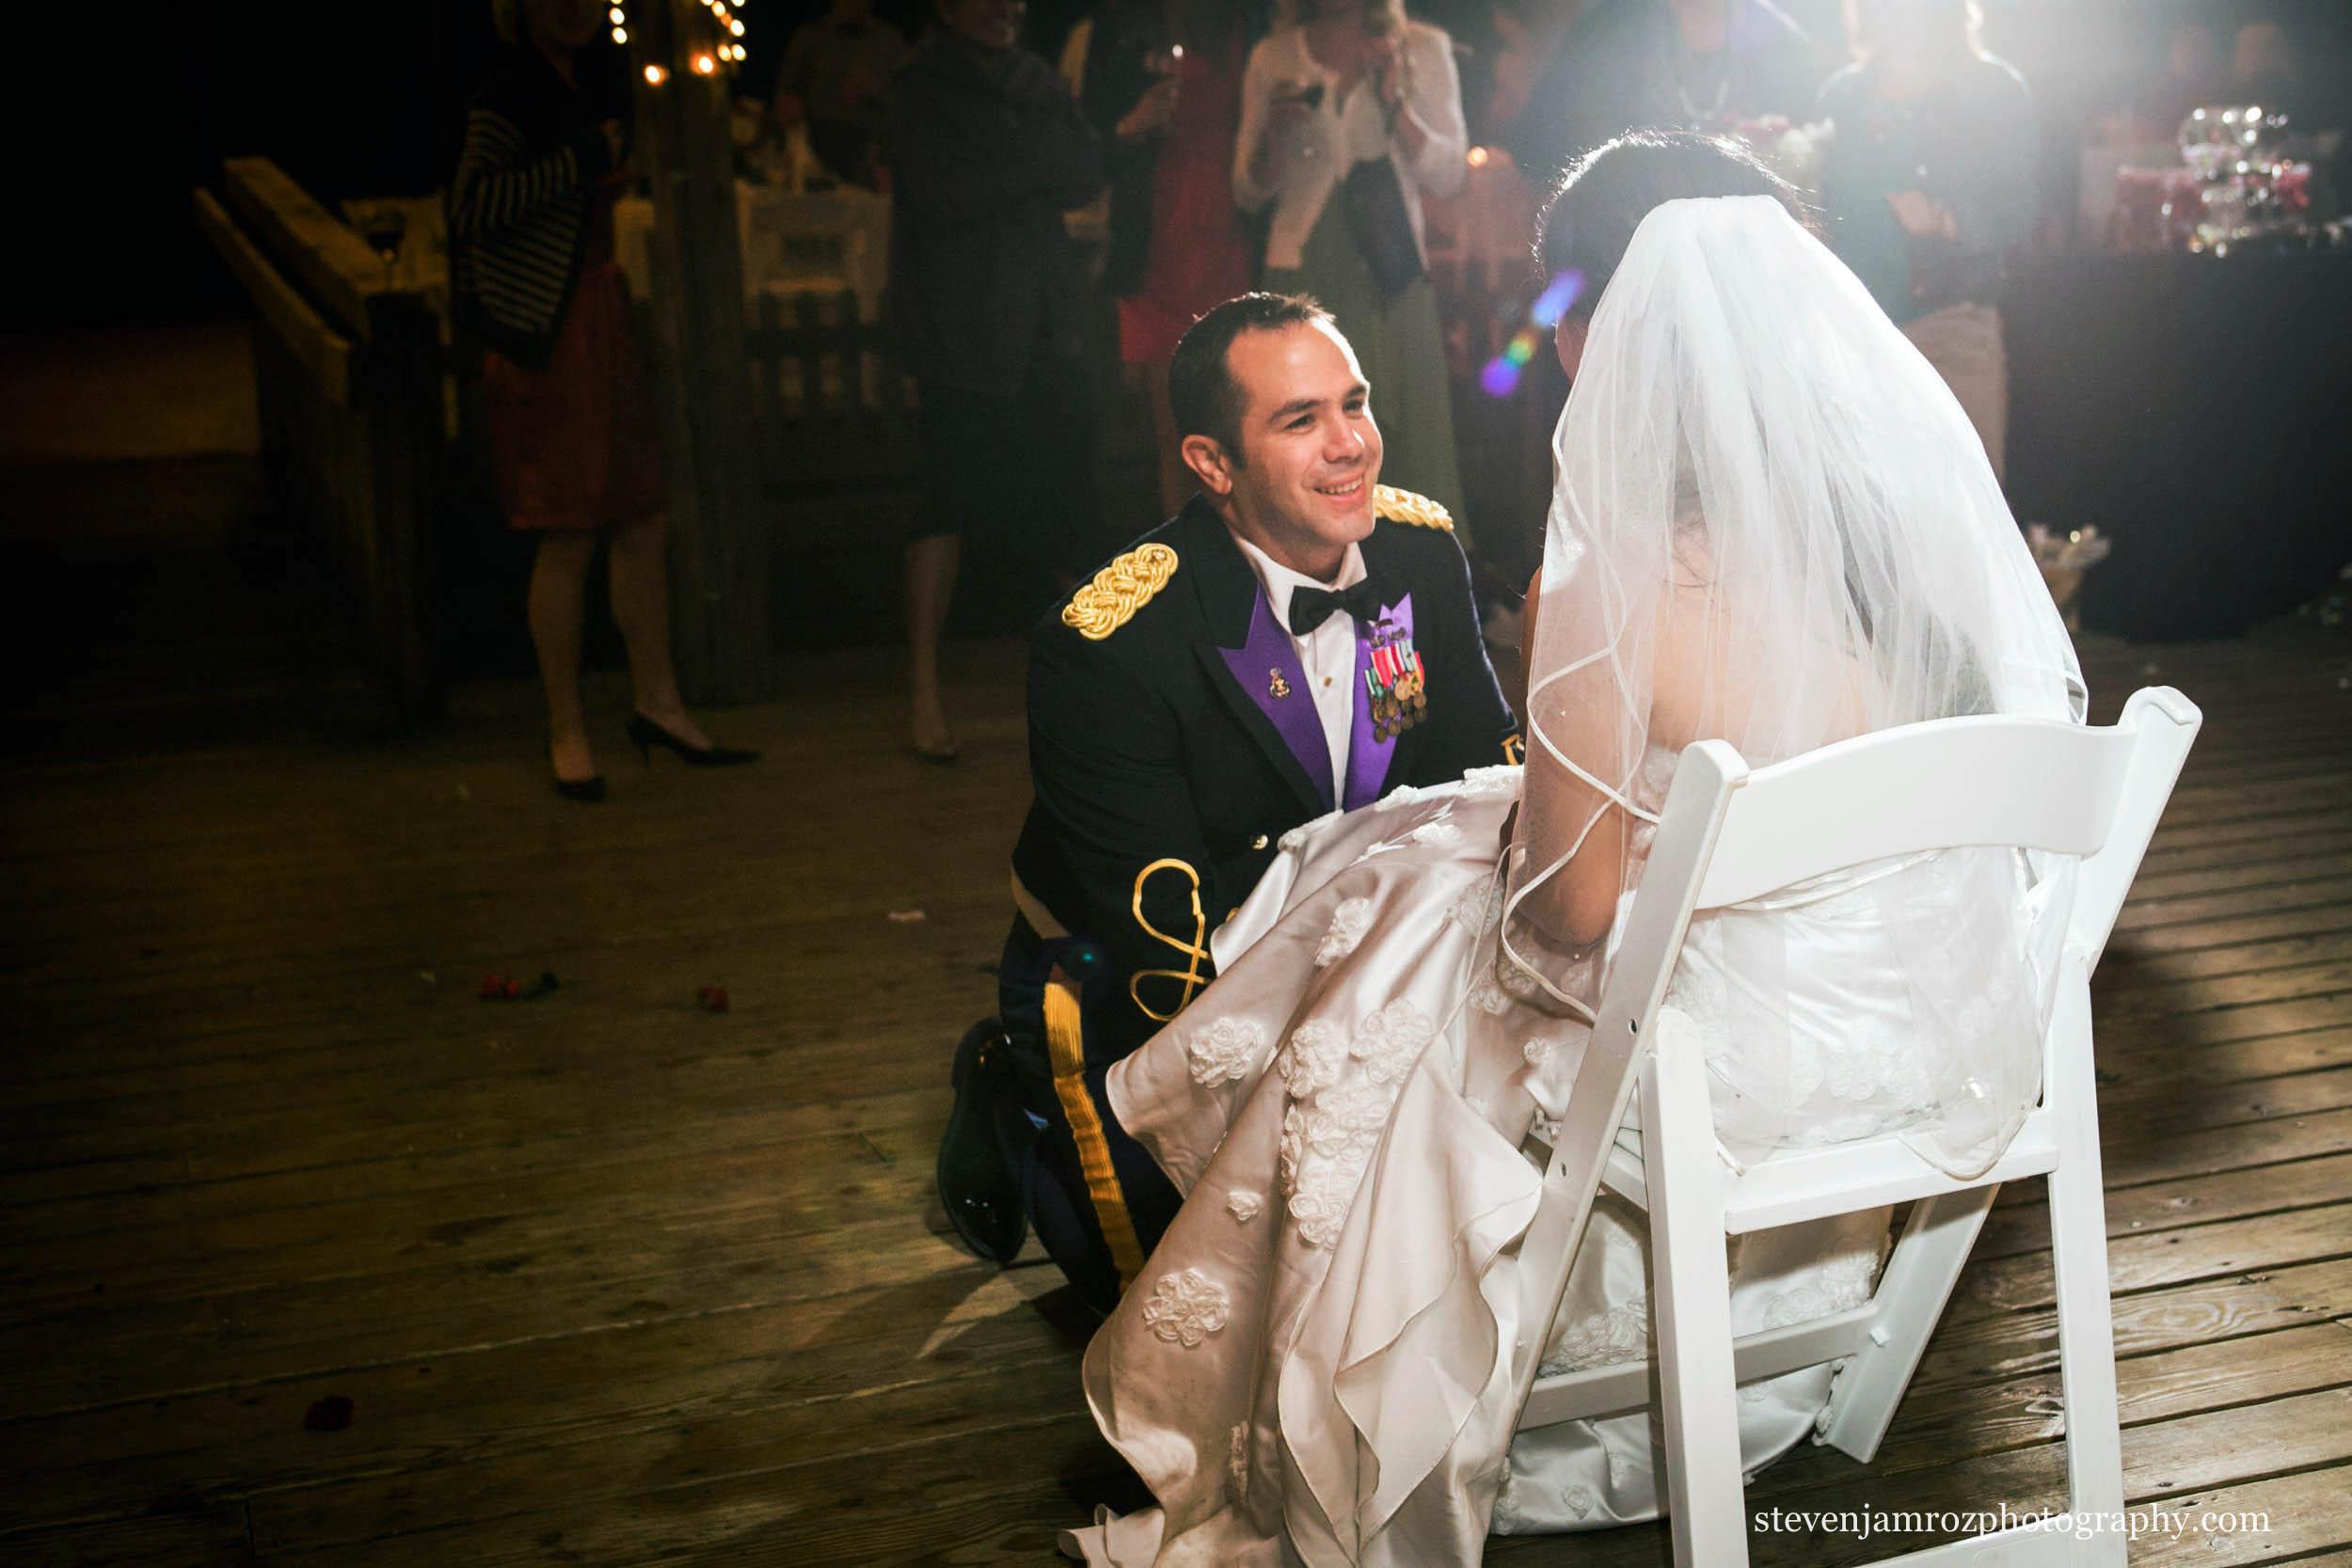 groom-on-knee-taking-off-garter-wedding-raleigh-0944.jpg